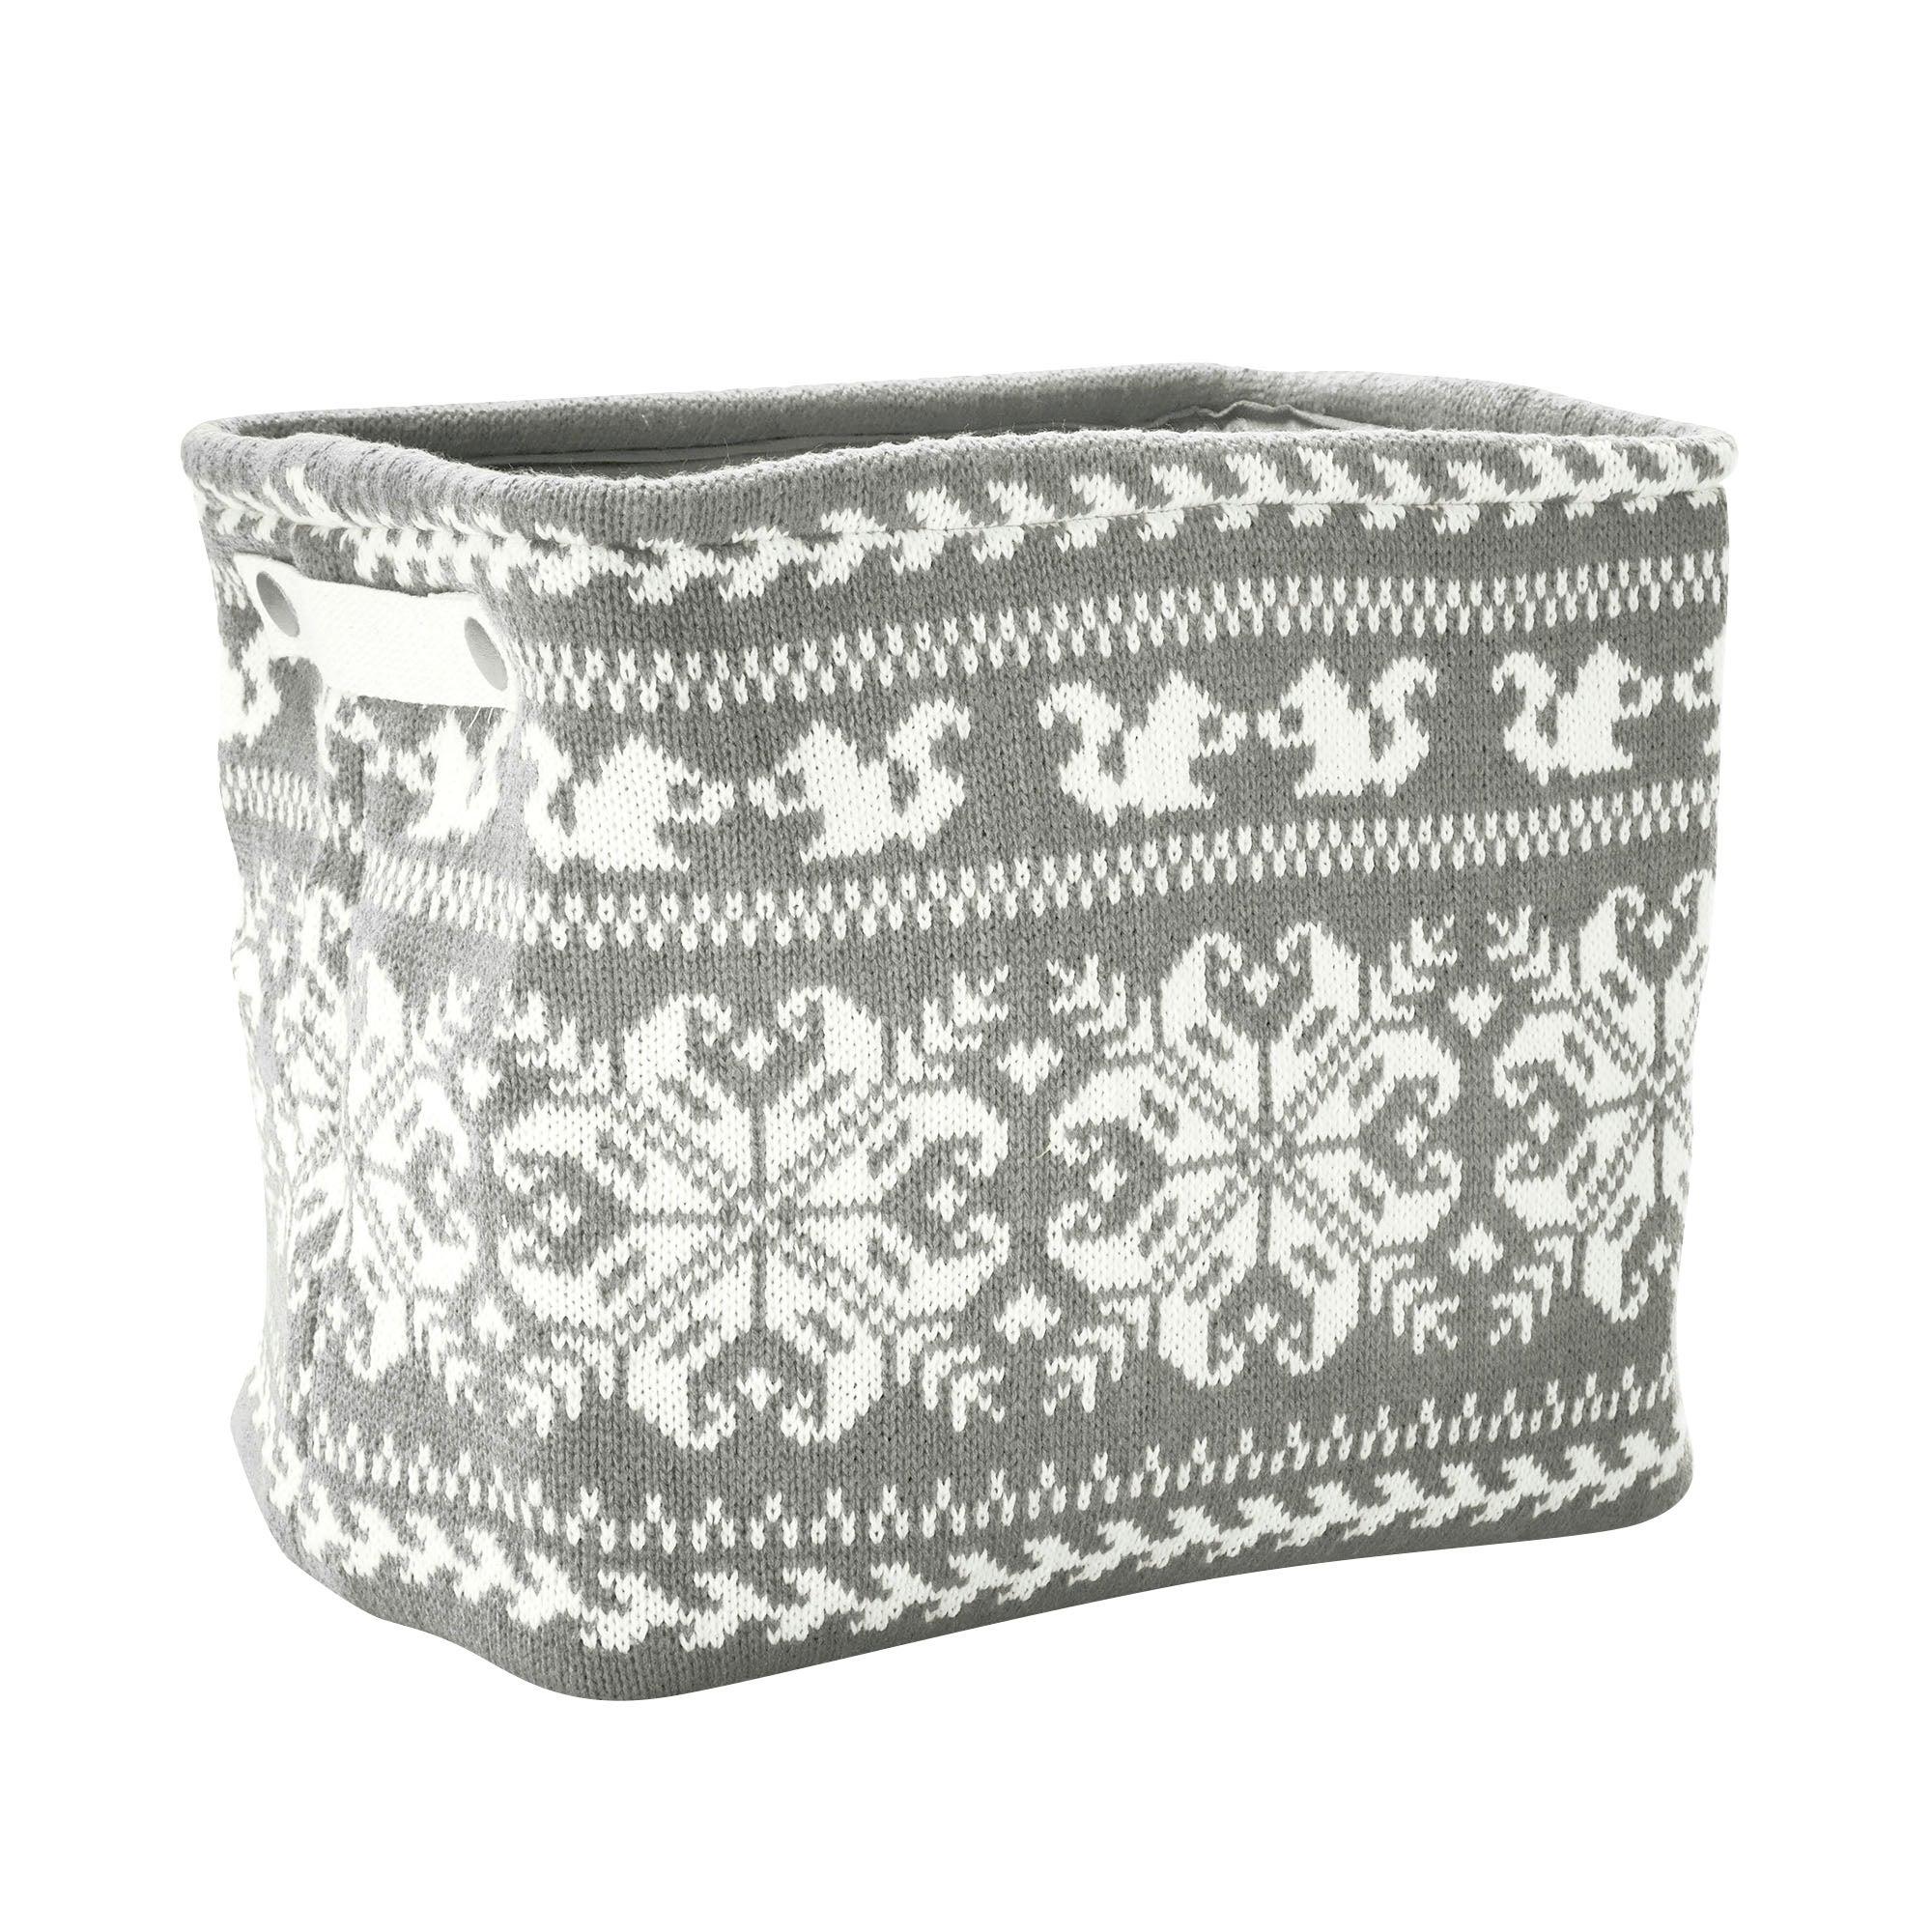 Large Knitted Rectangular Basket